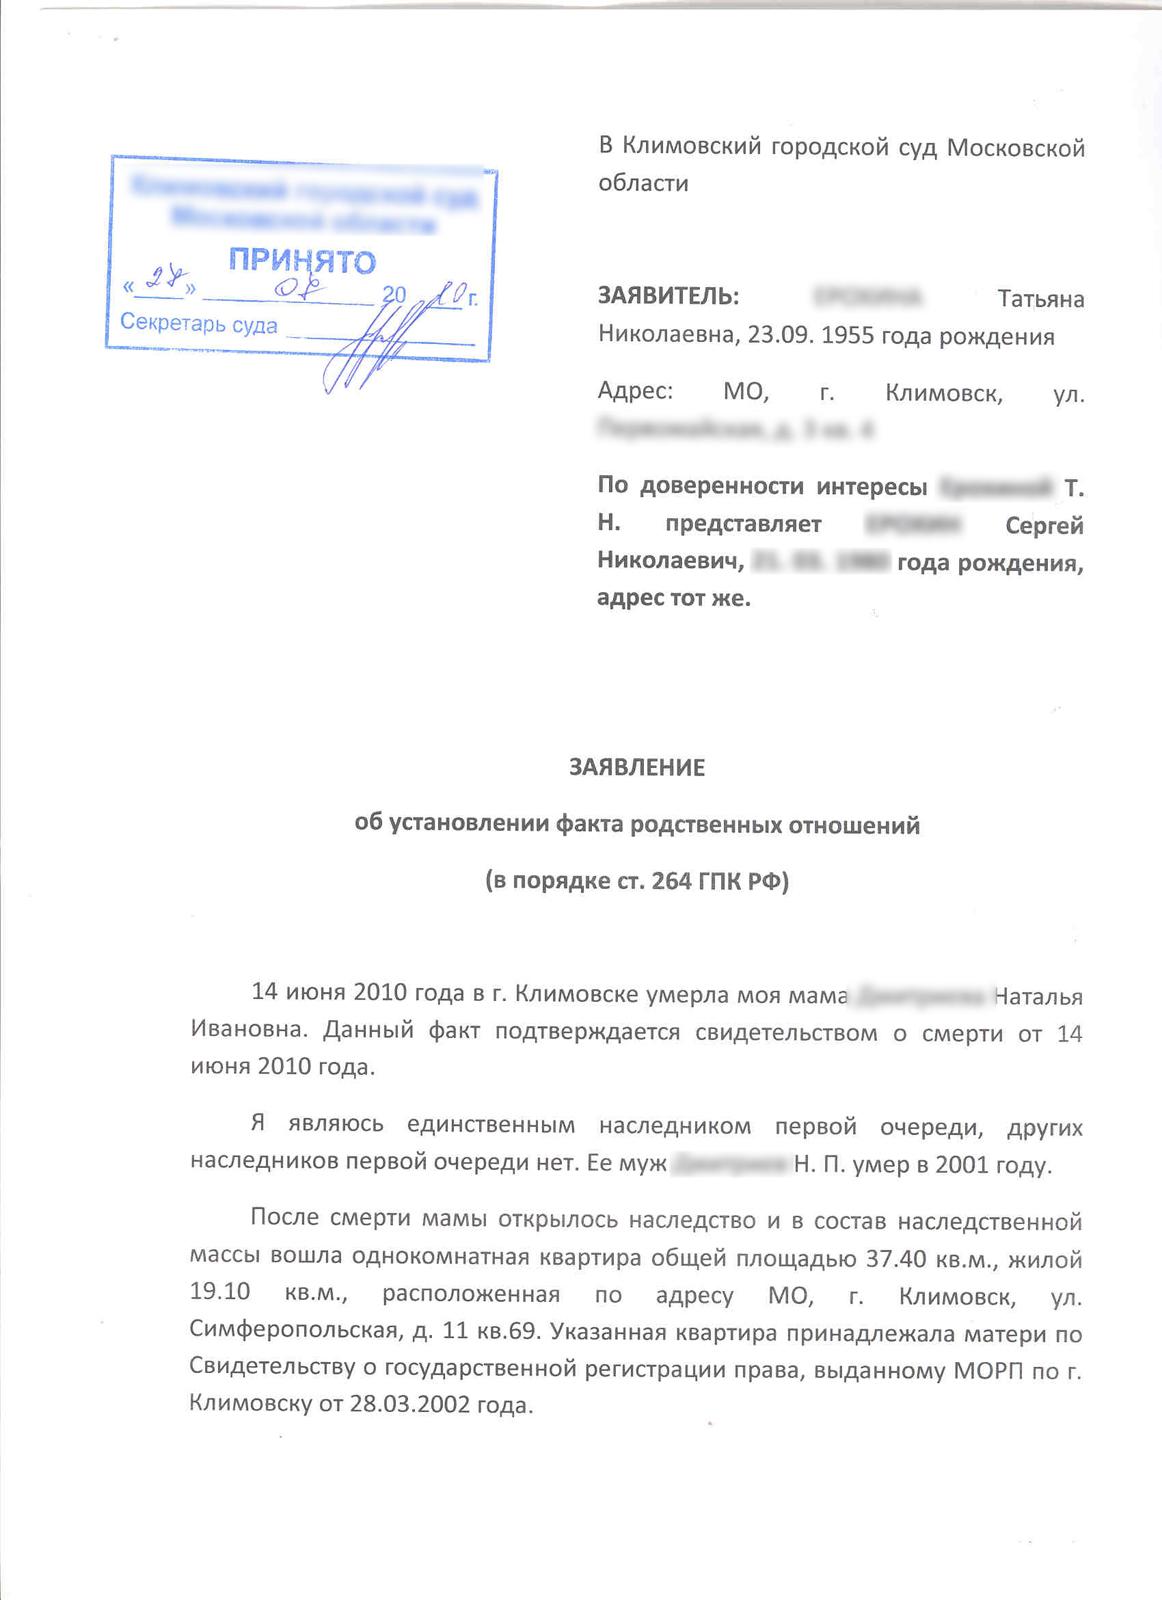 Наталья и Наталия - Форум по семейному праву - Юридический форум ЗонаЗакона.Ru